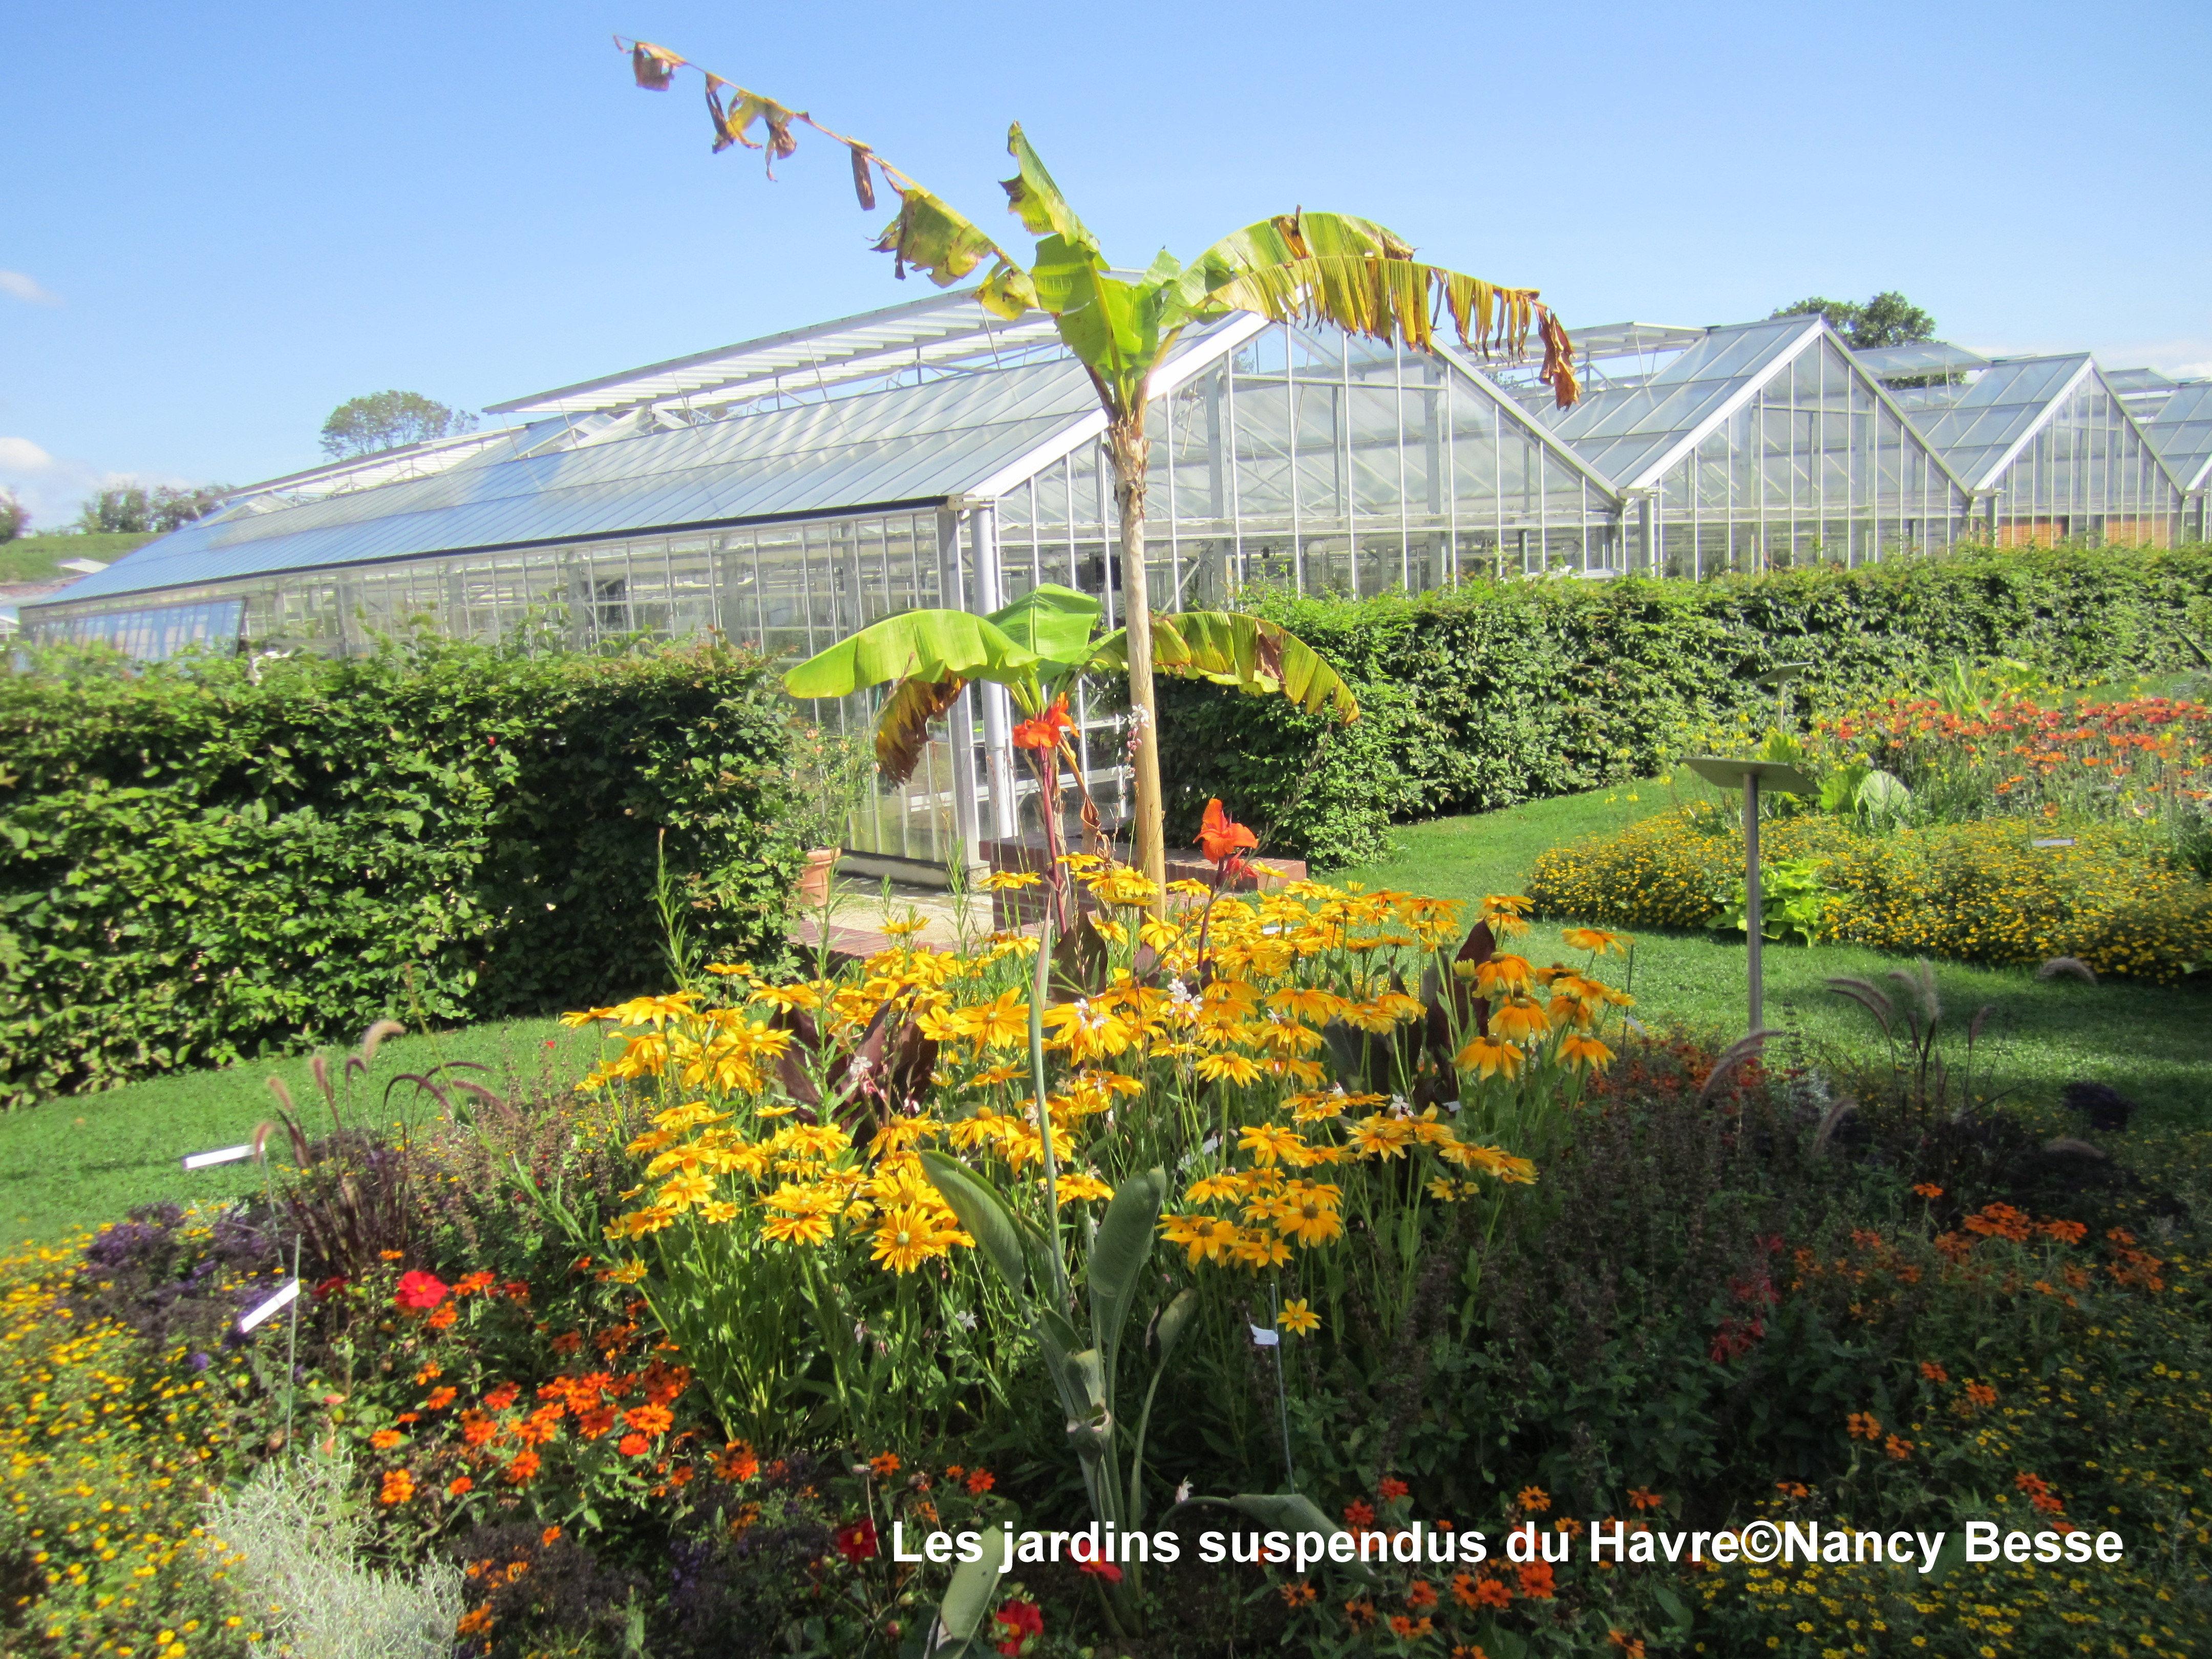 Voyagez stylées : Les jardins suspendus du Havre 6